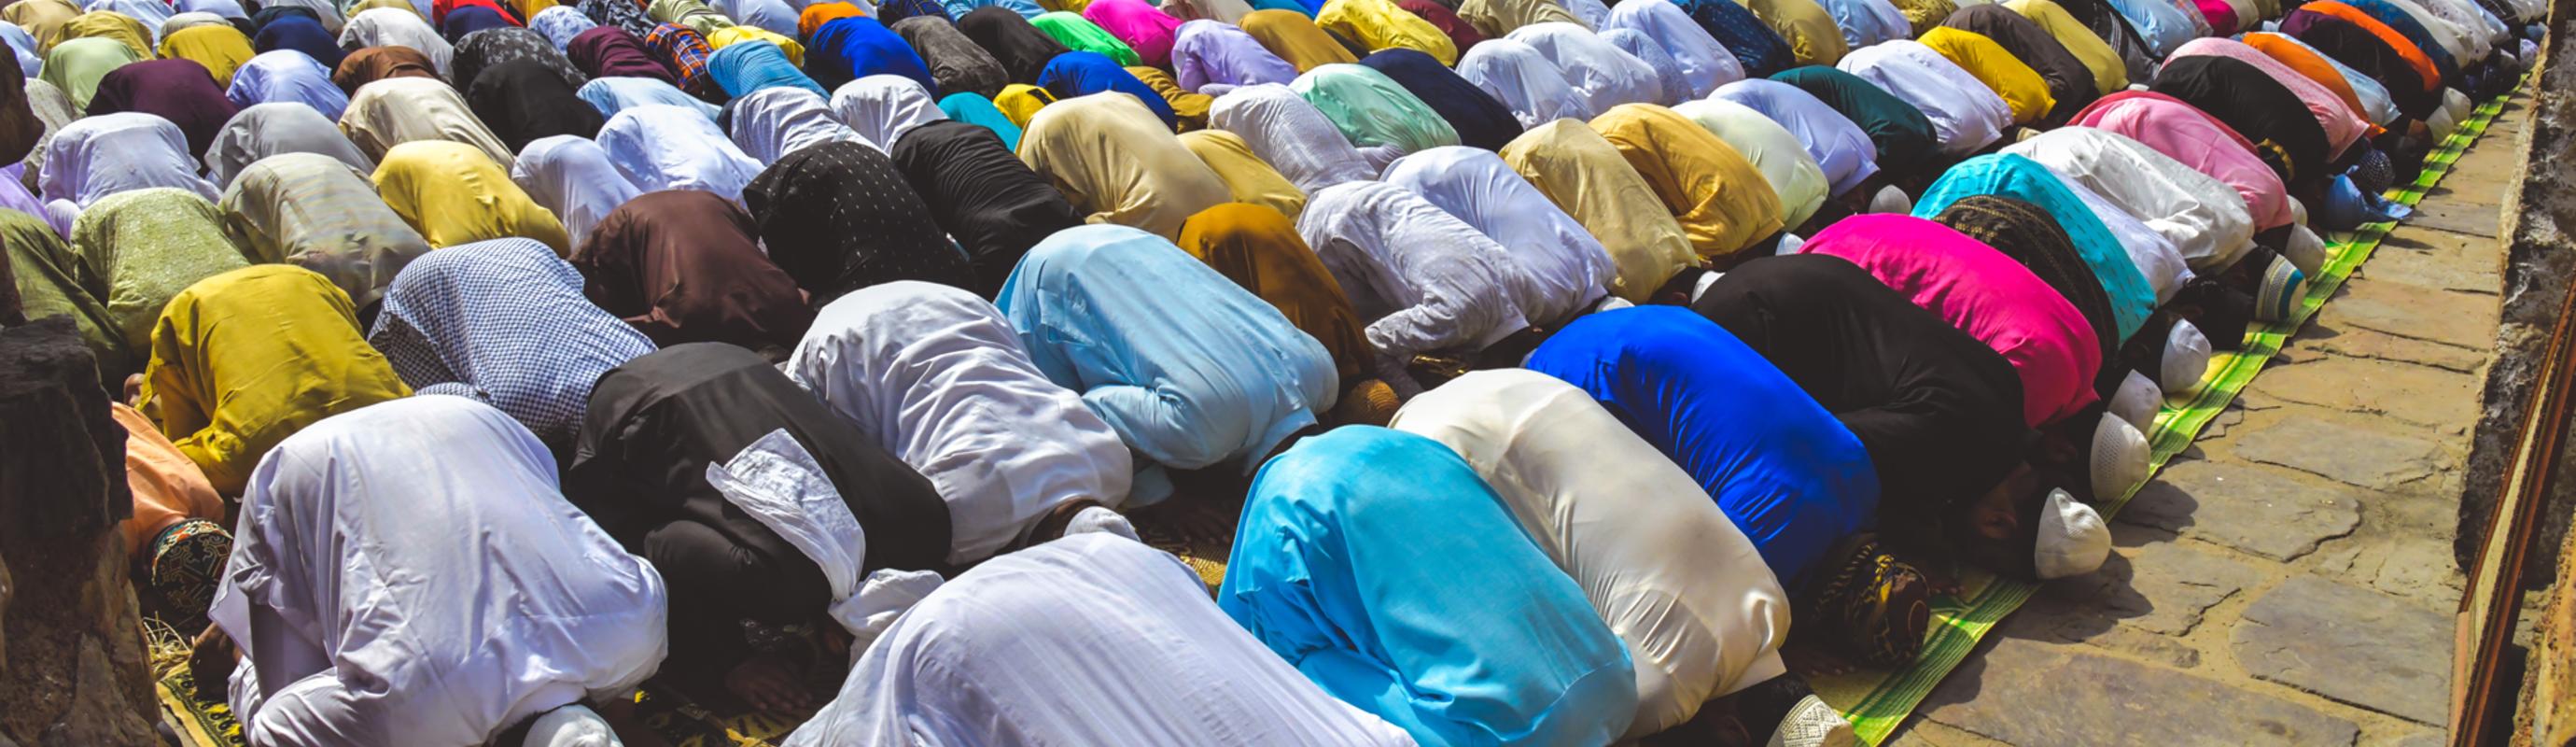 Dagelijks ritueel gebed in Islam..na zonsondergang - Maghrib en Isha..luister hier naar de opname.